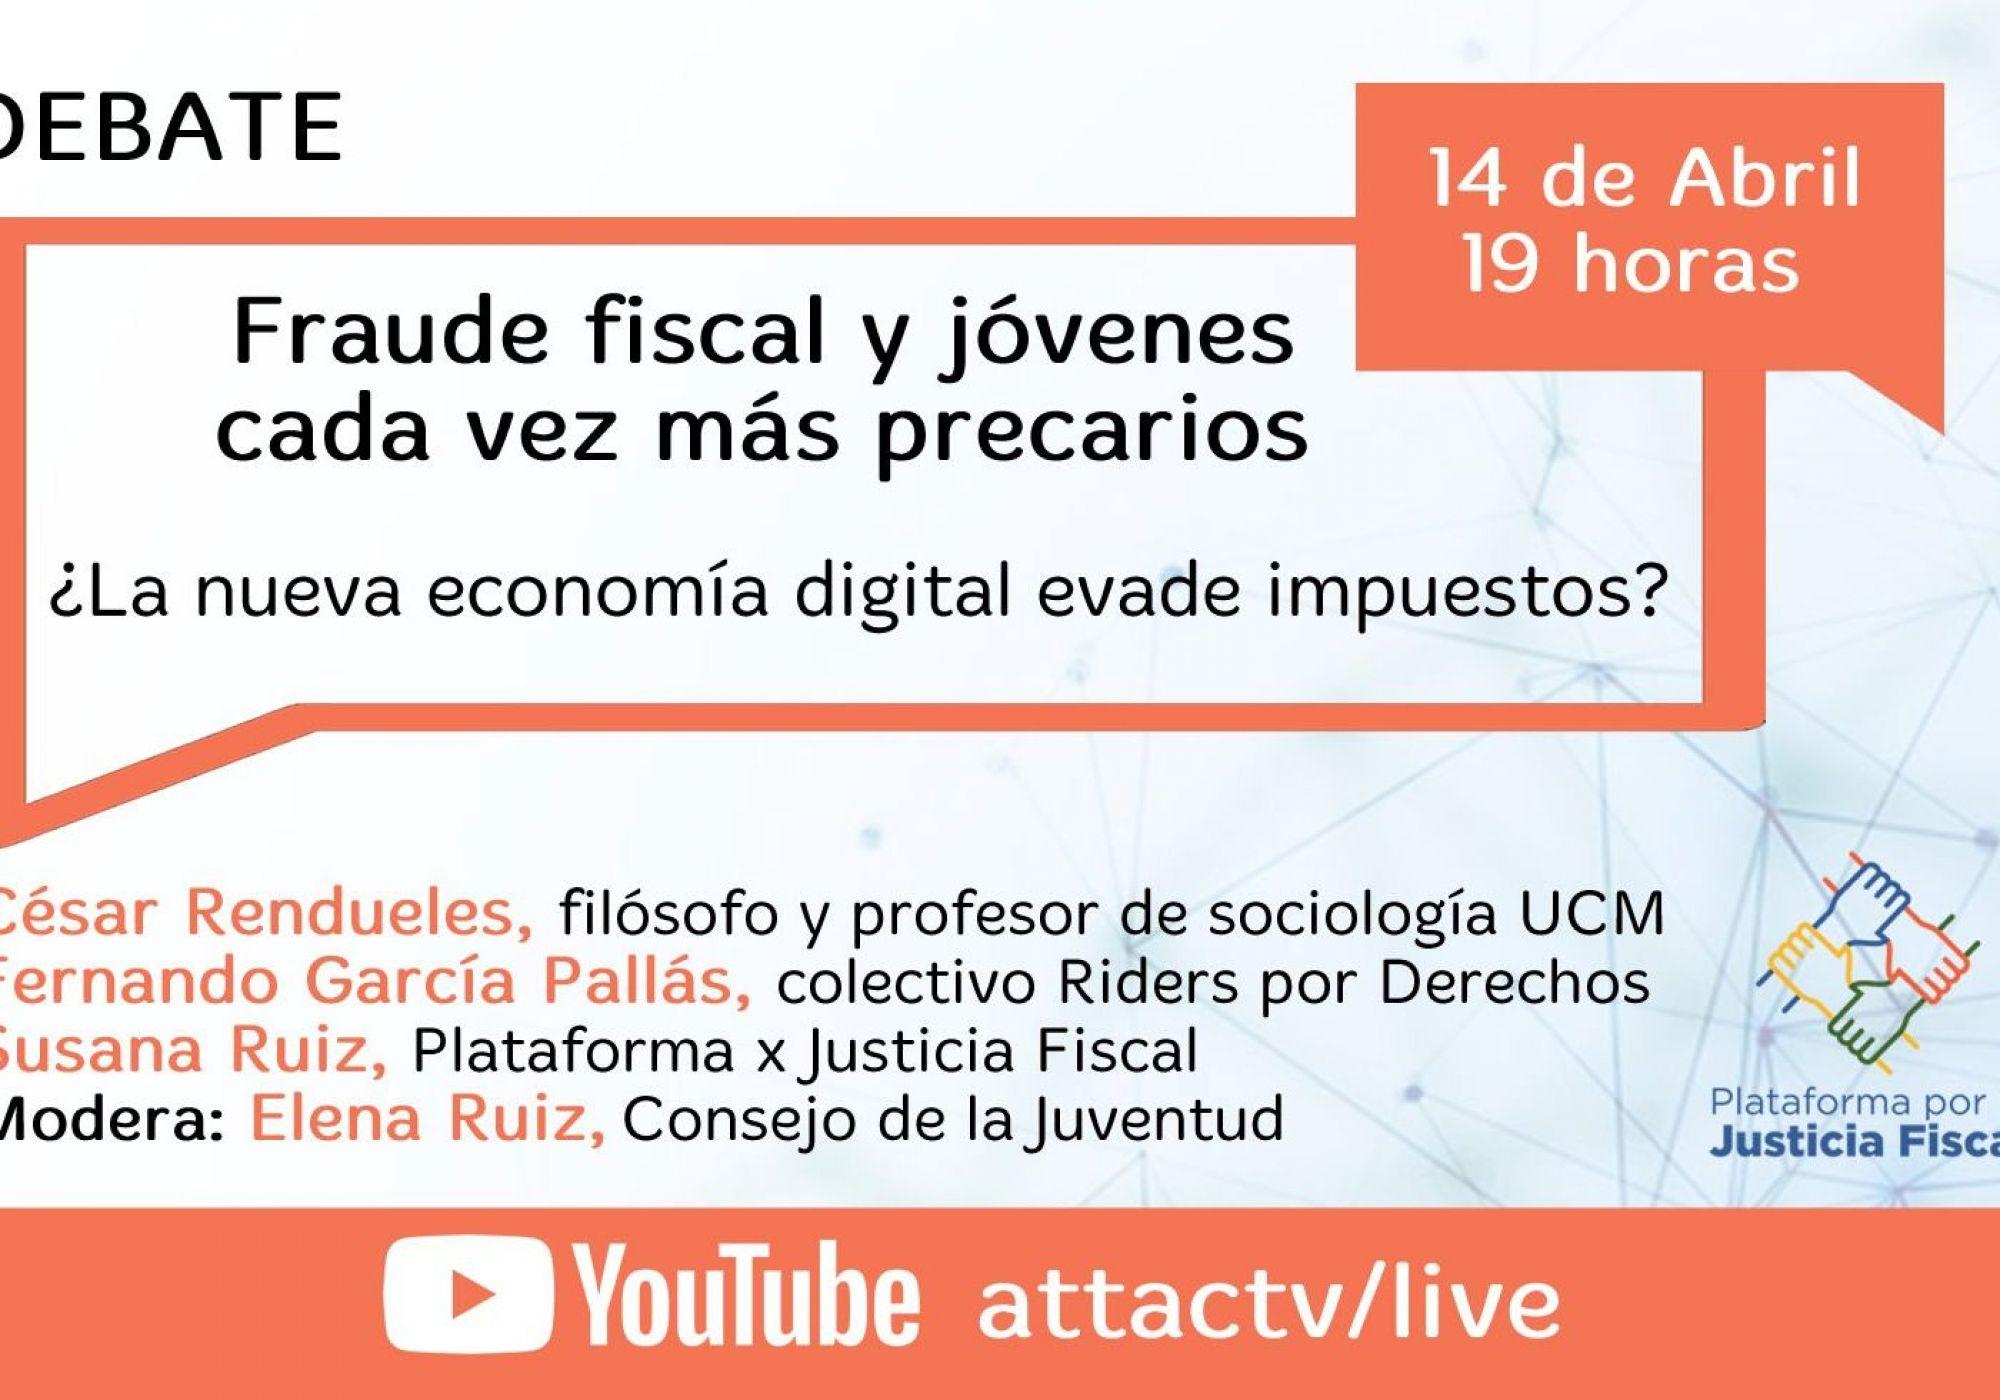 """Debate """"Fraude fiscal y jóvenes cada vez más precarios. ¿La nueva economía digital evade impuestos?"""""""